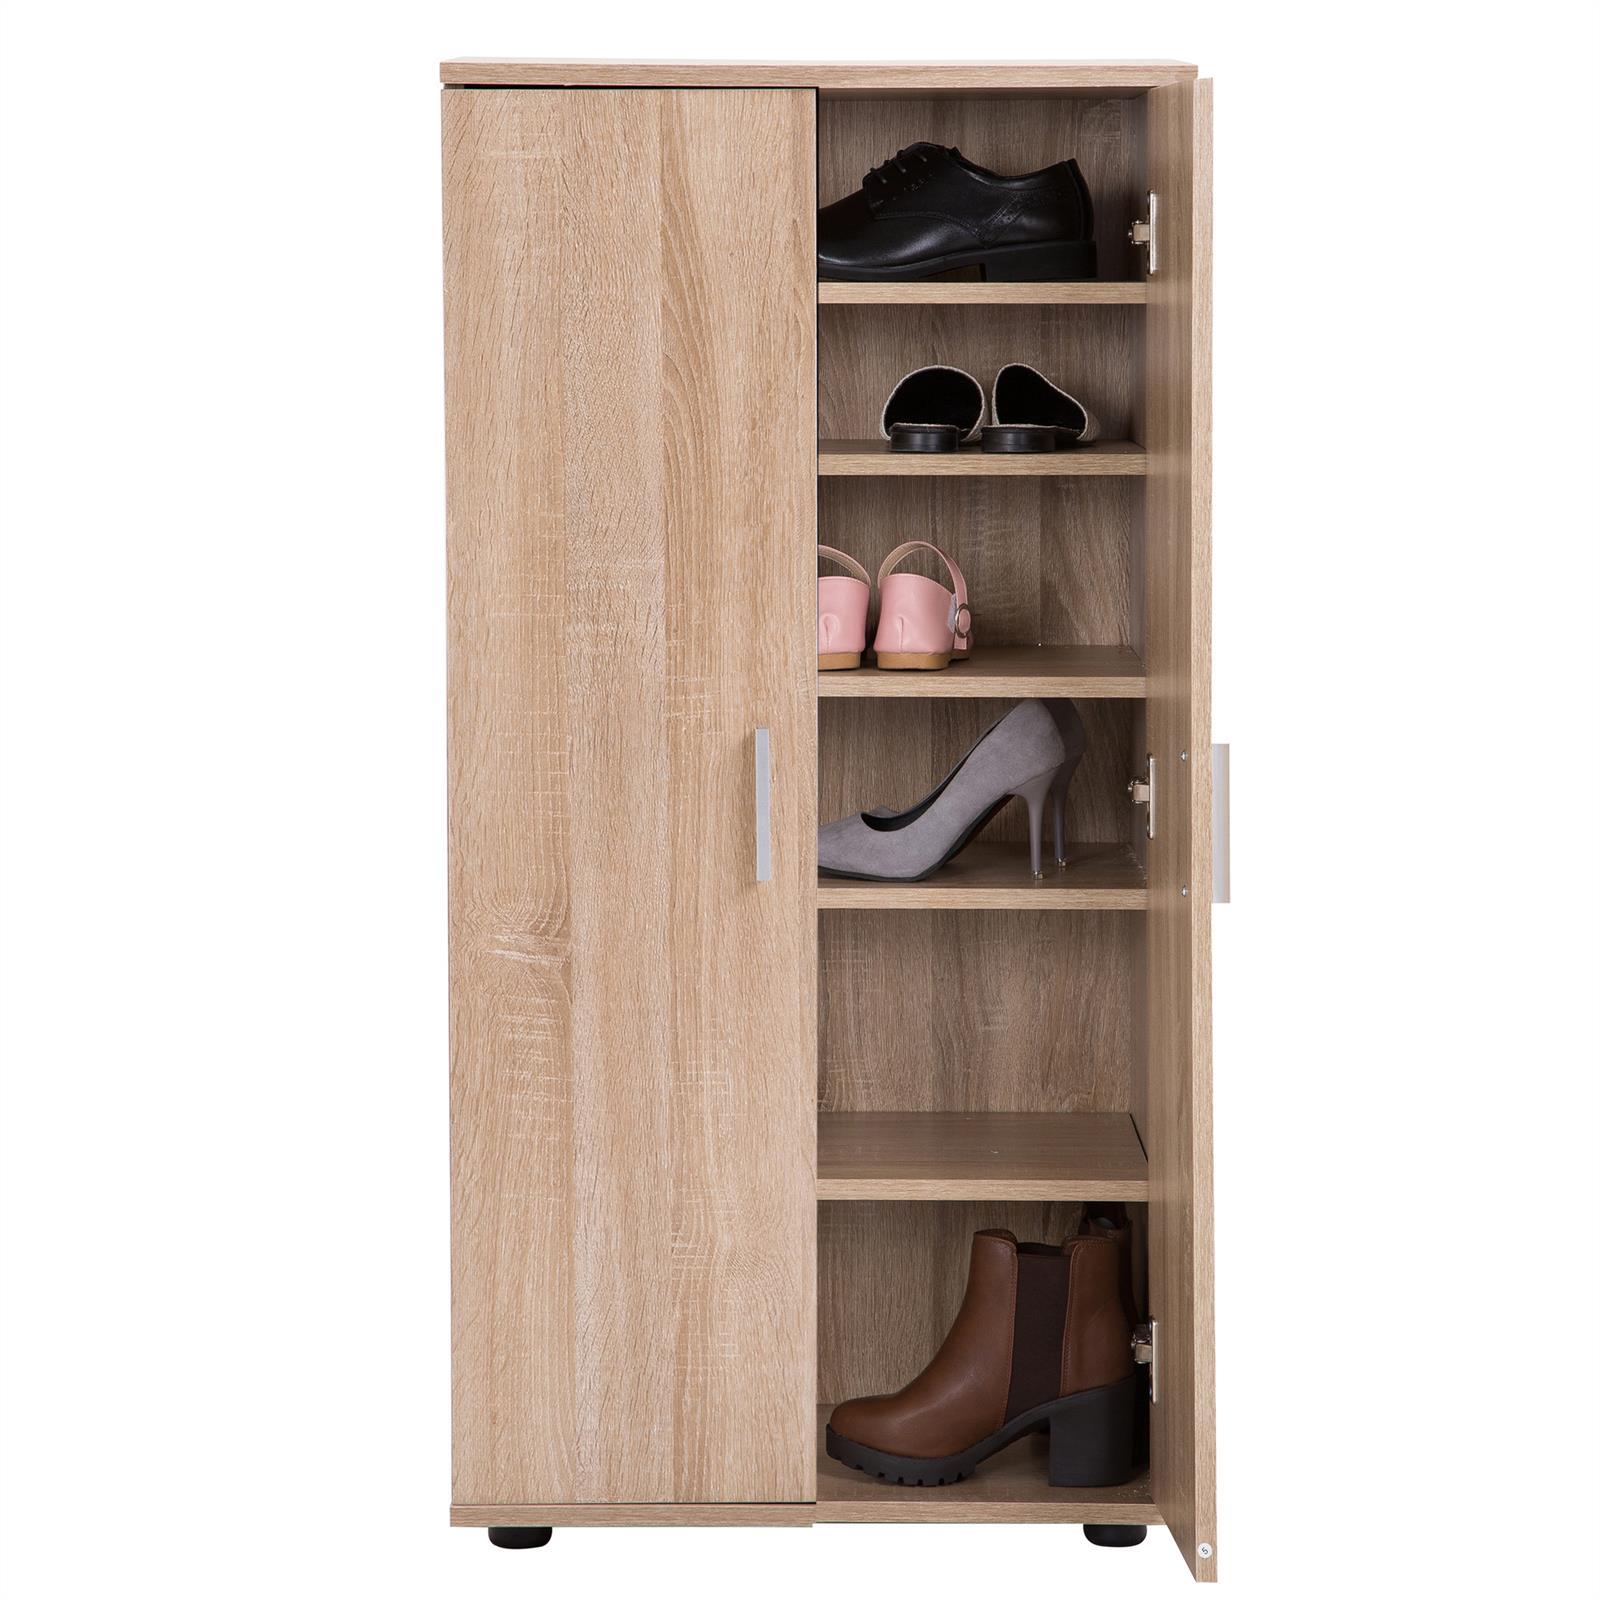 Attraktiv Schuhschrank Mit Türen Ideen Von Schuhschrank-schuhregal-kommode-aufbewahrung-diele-flur-55cm-breit-